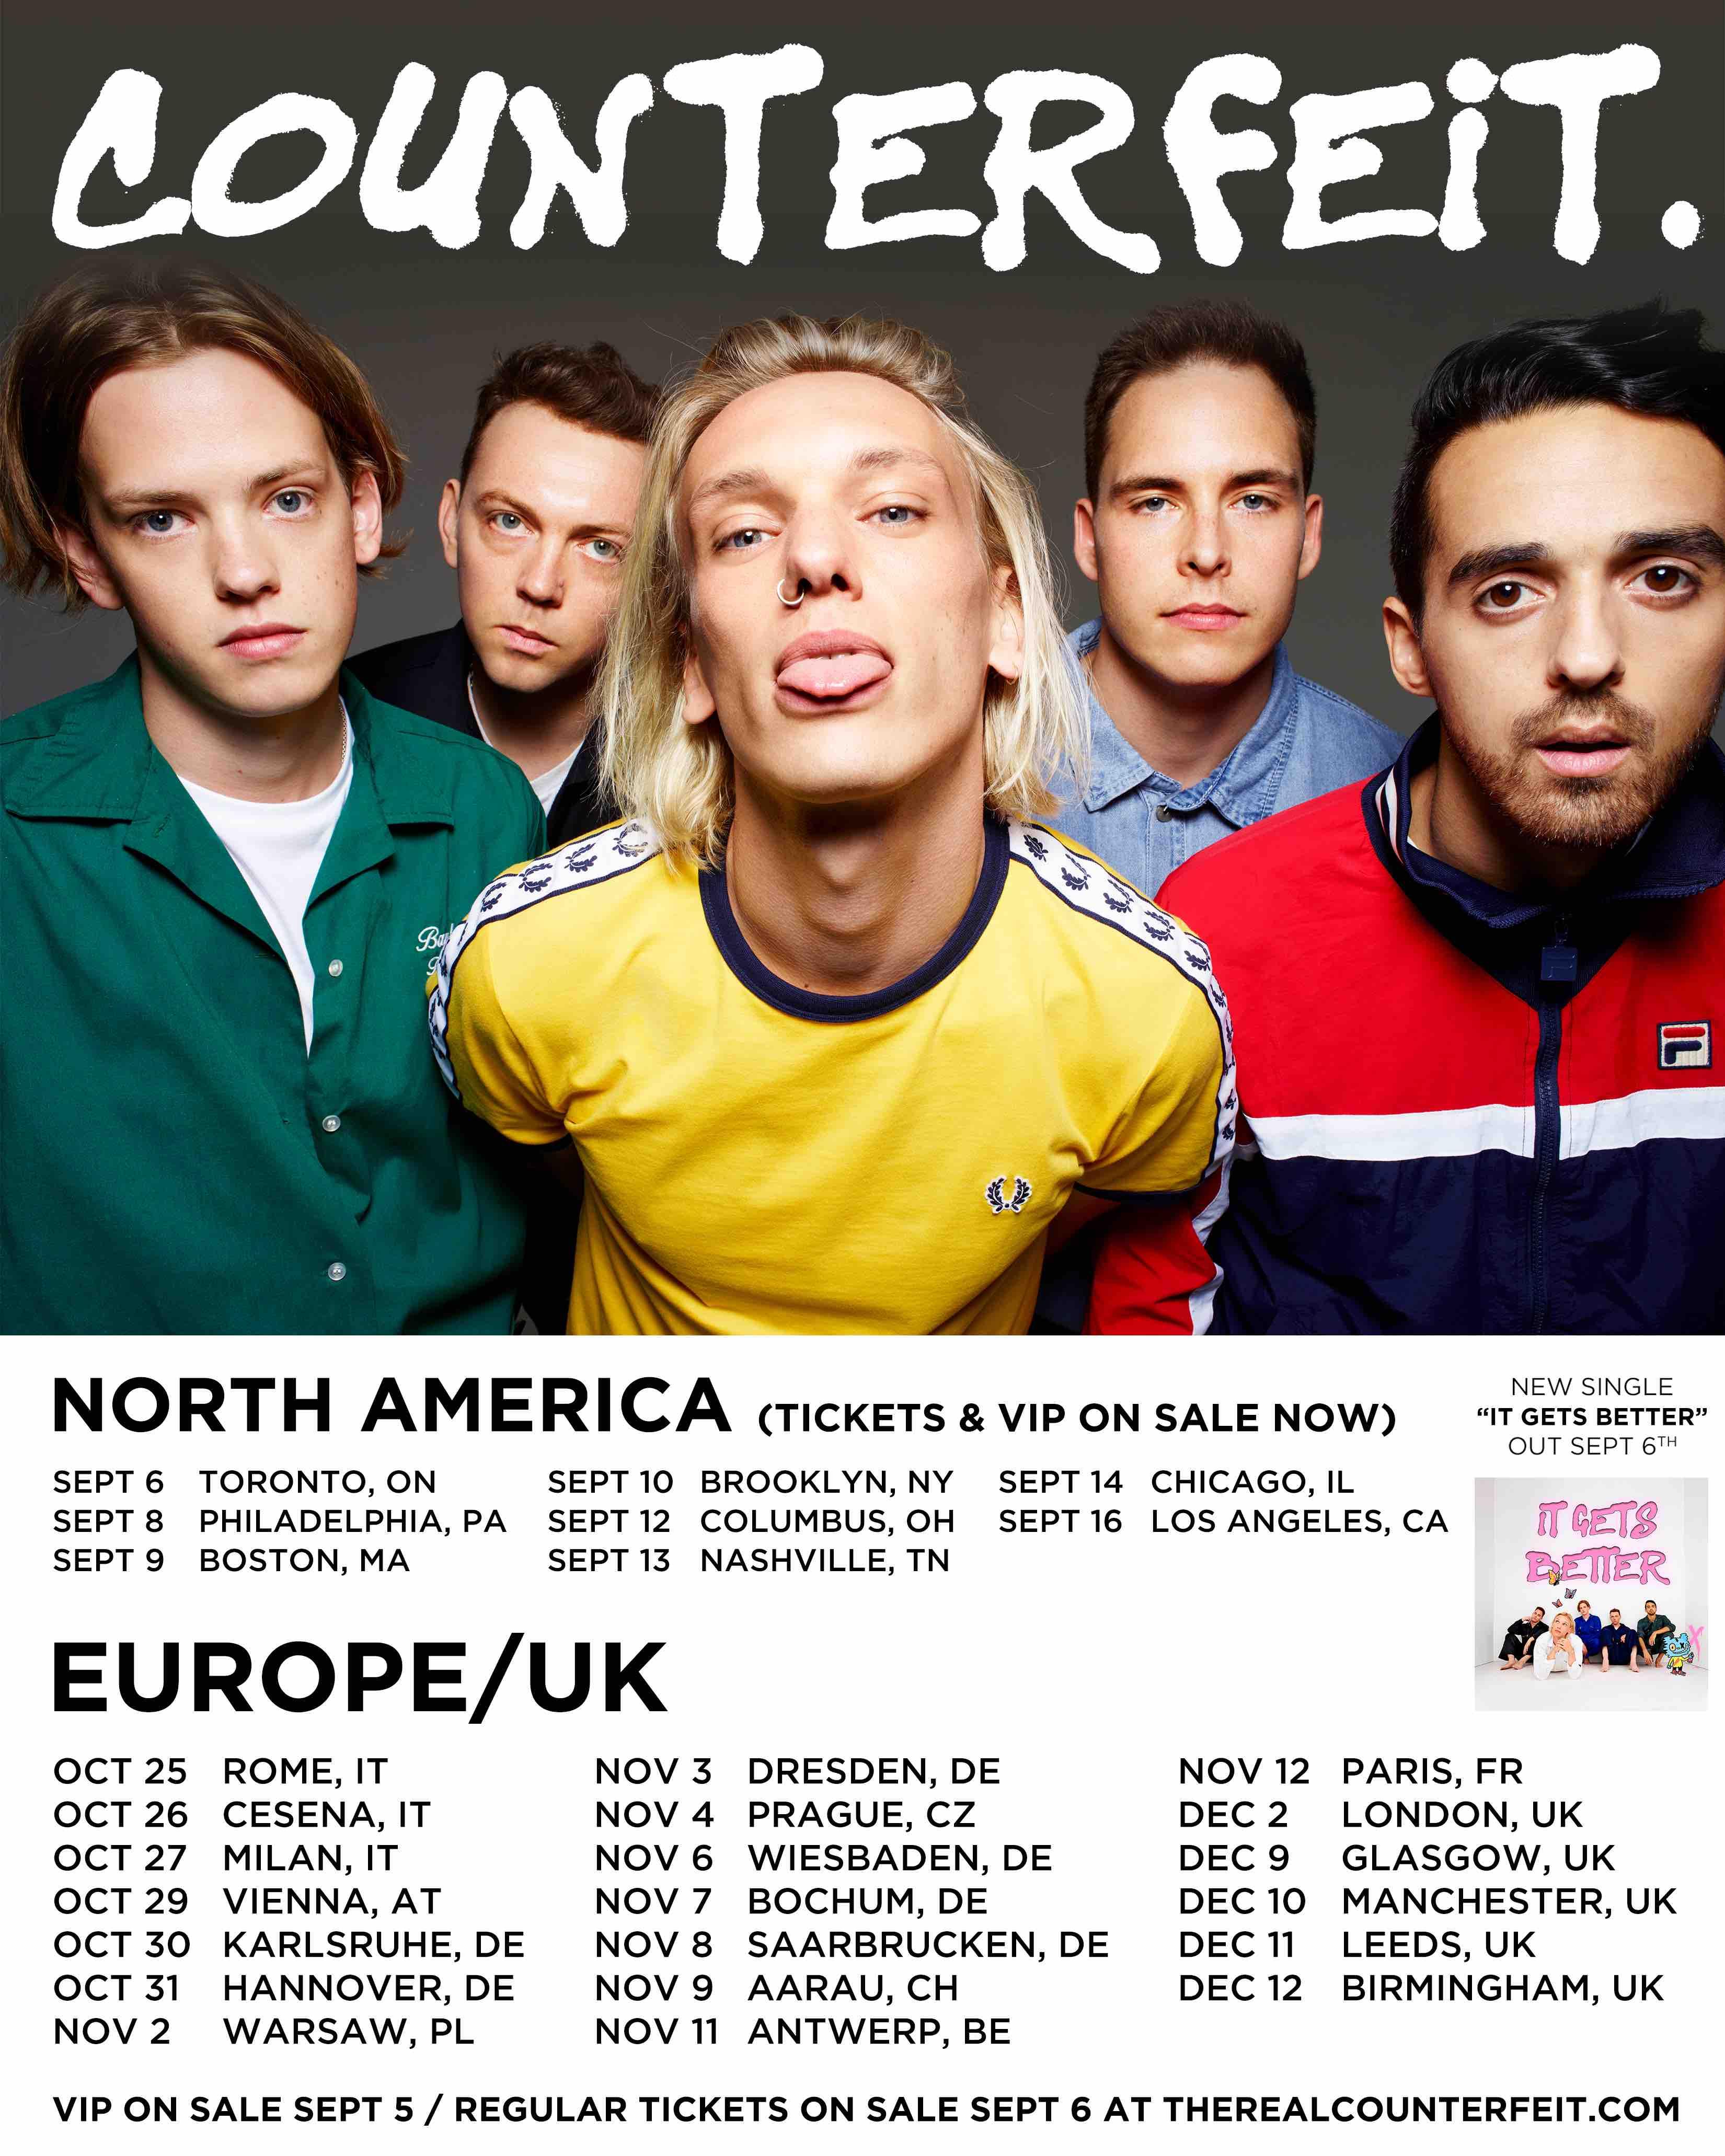 Counterfeit Tour 2019